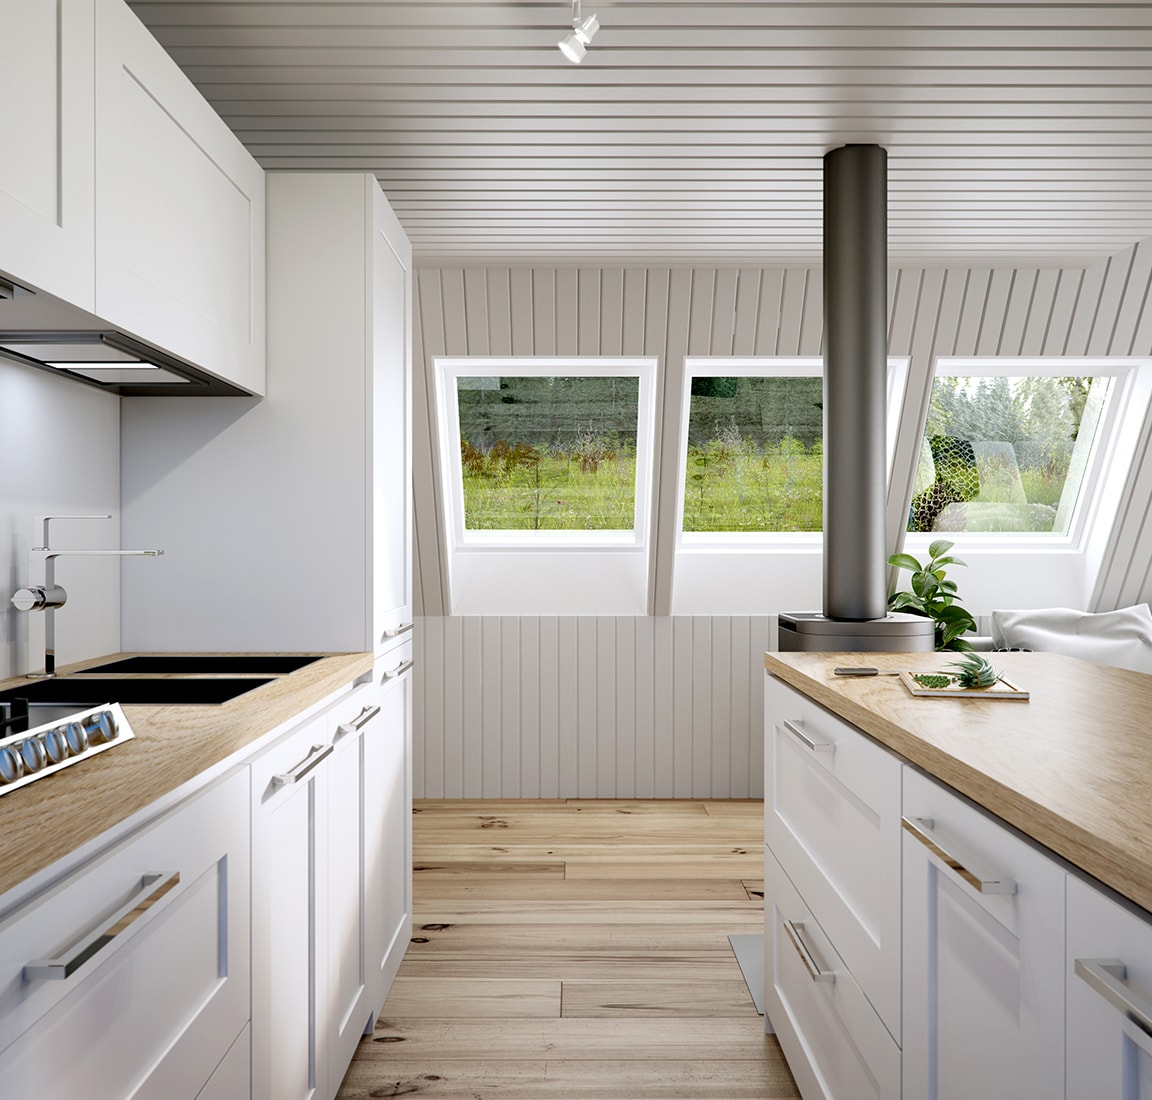 Avram Duo Series prefab cabin – kitchen design